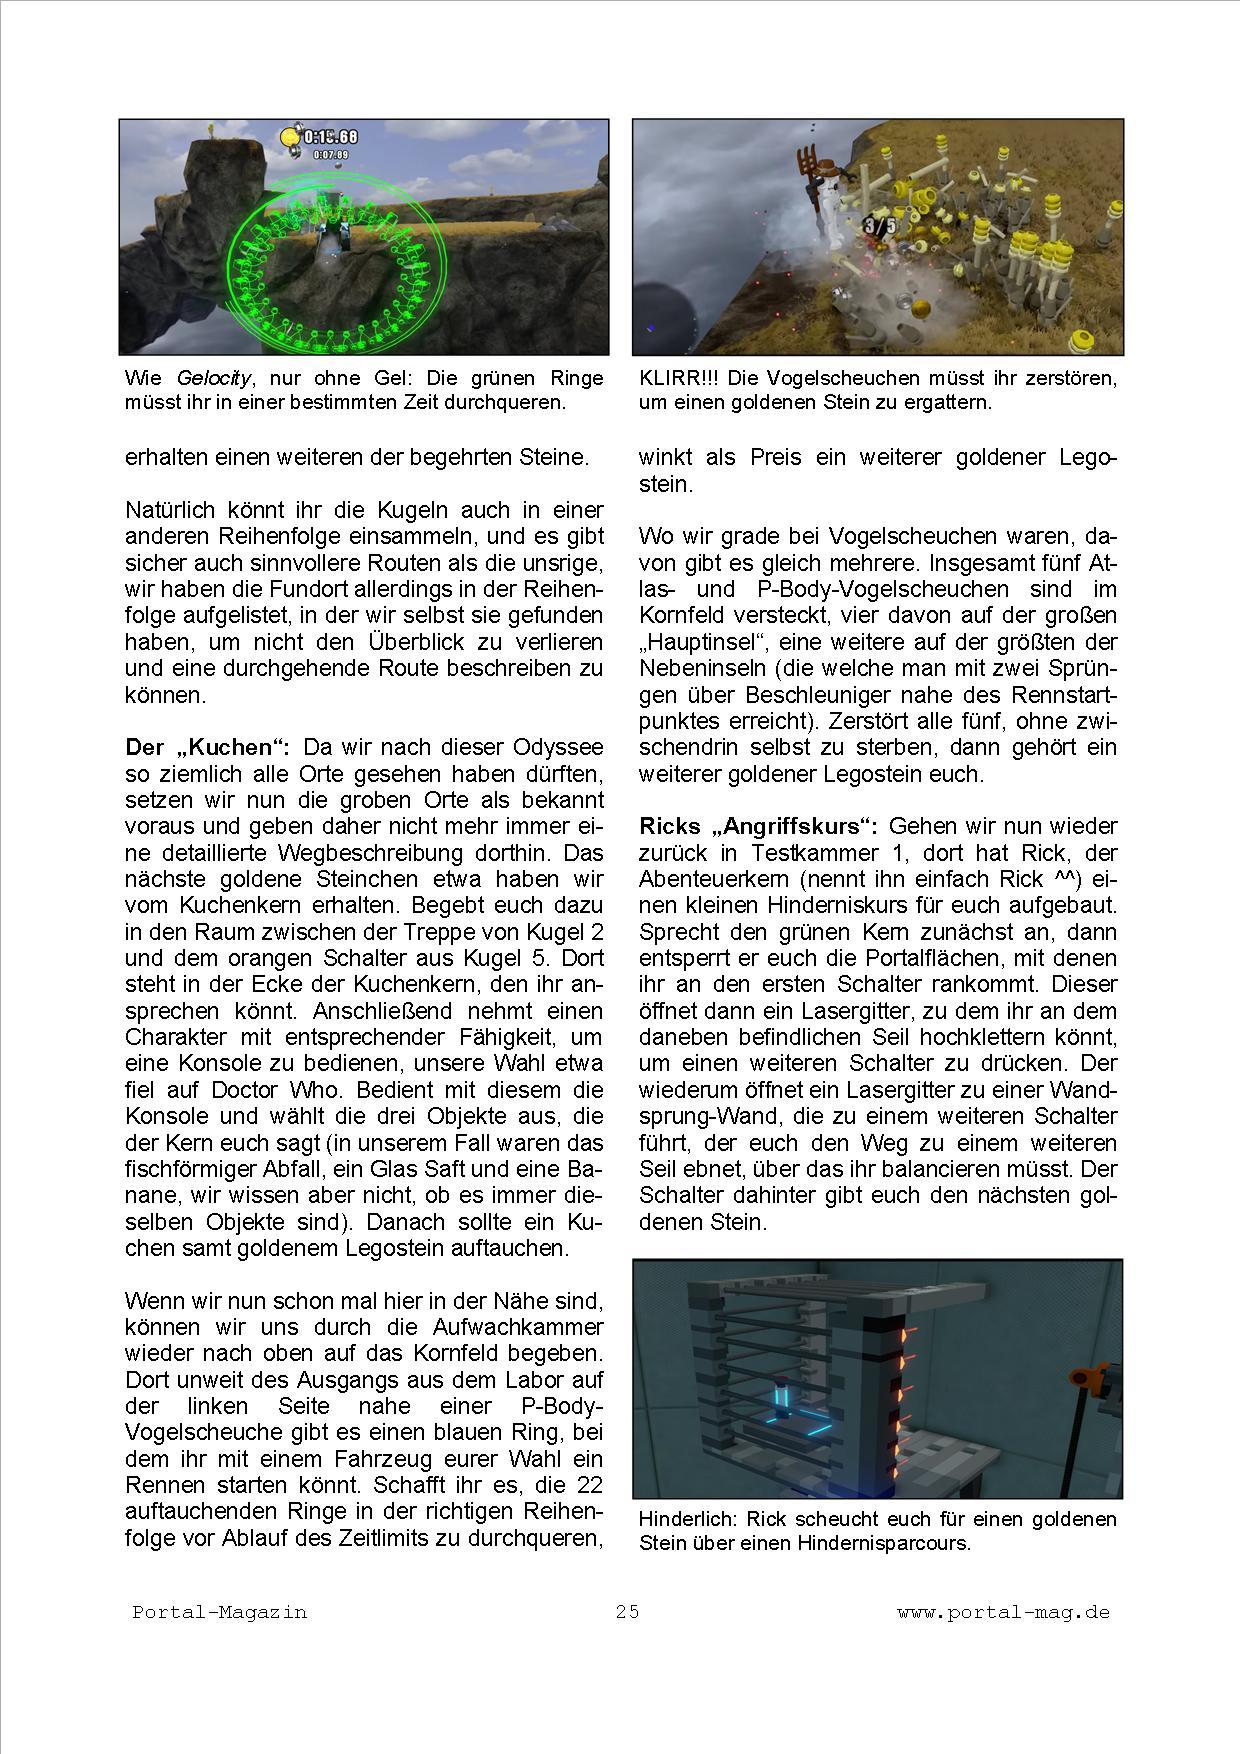 Ausgabe 36, Seite 25